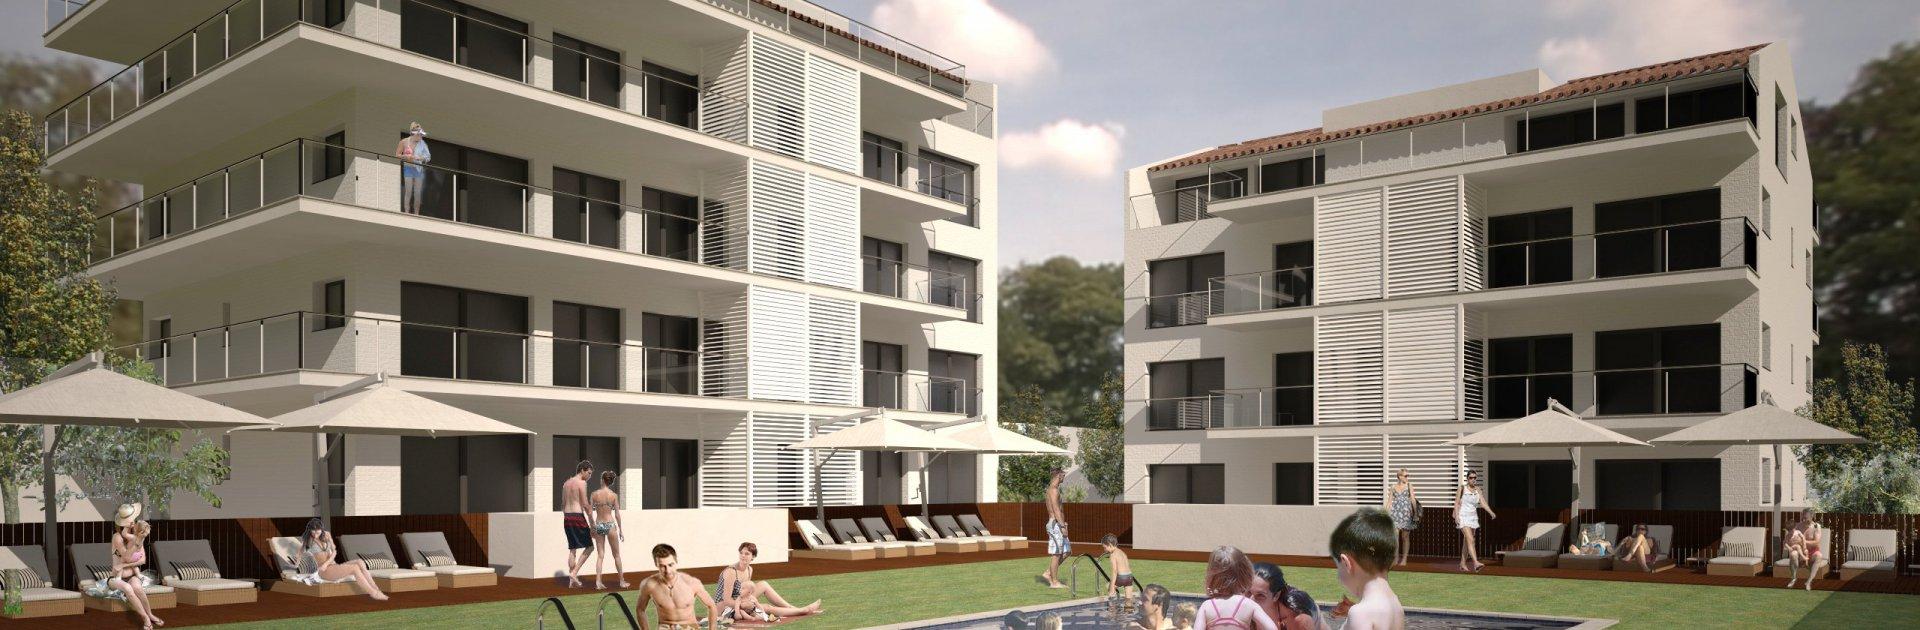 c08556845afa9 Новые квартиры 116-183 м2 с 4 спальнями с просторными террасами в Тиана